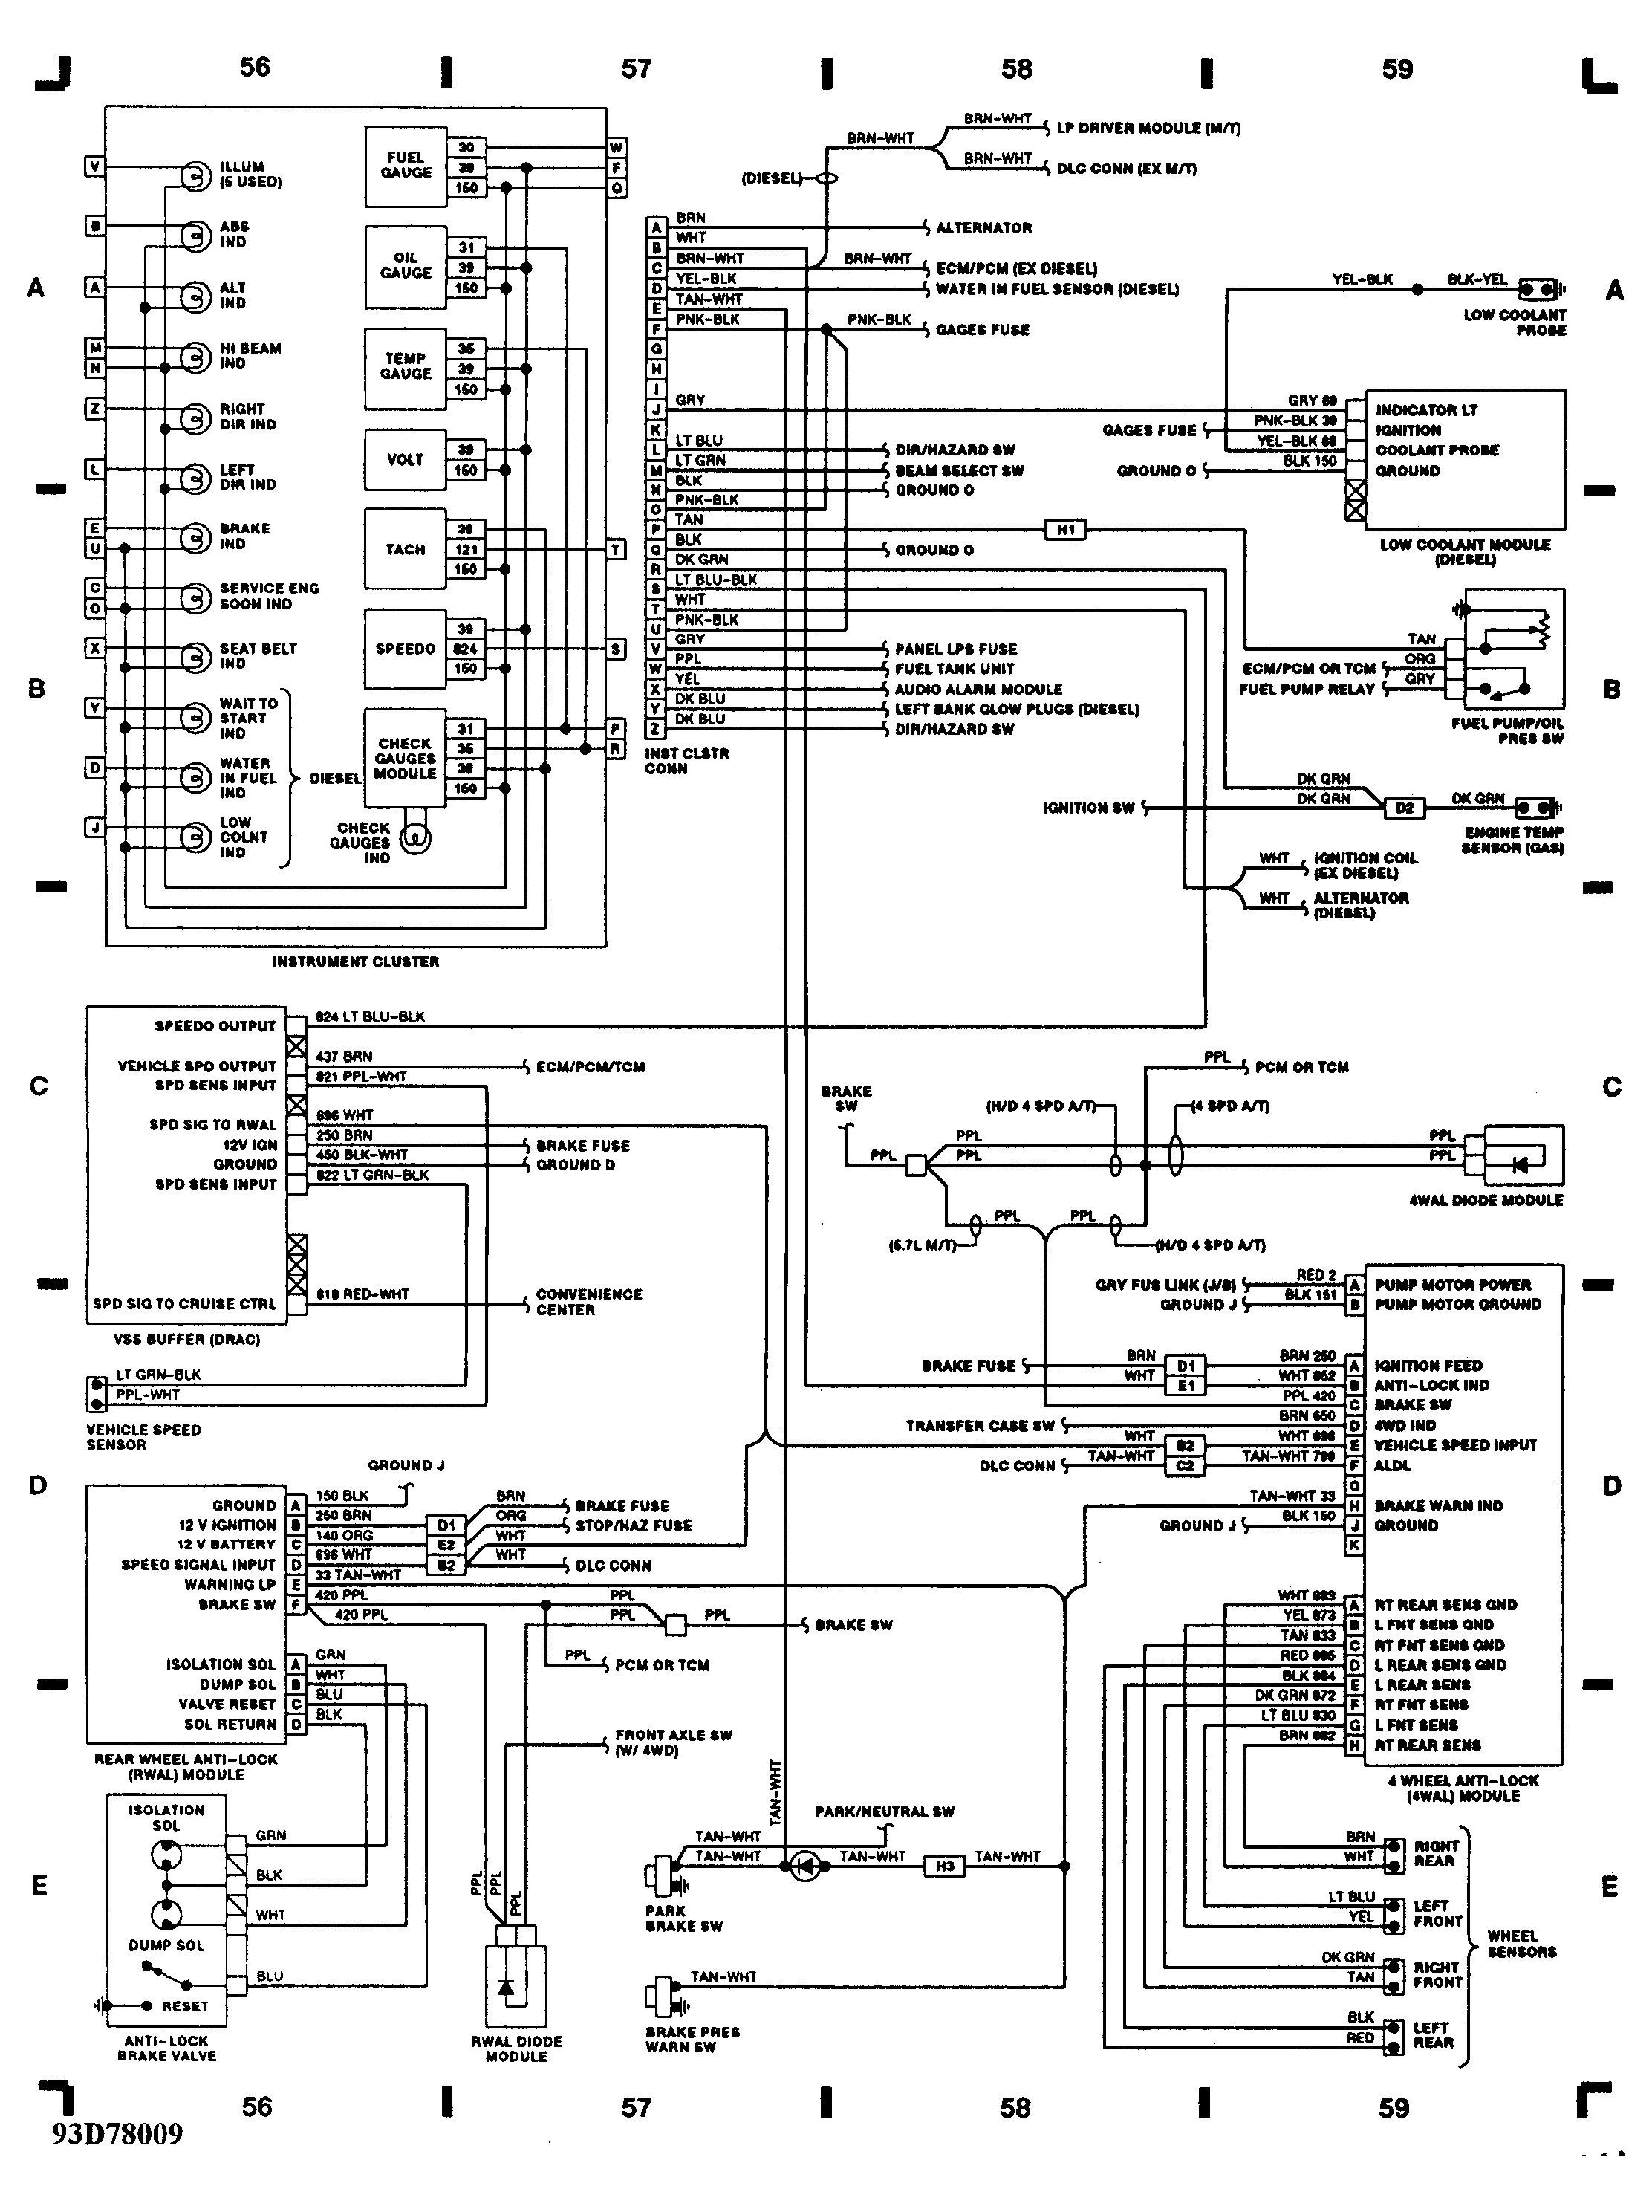 5 7 Vortec Engine Diagram 5 7 Vortec Wiring Harness Diagram Unique I Have A 93 Silverado with Of 5 7 Vortec Engine Diagram